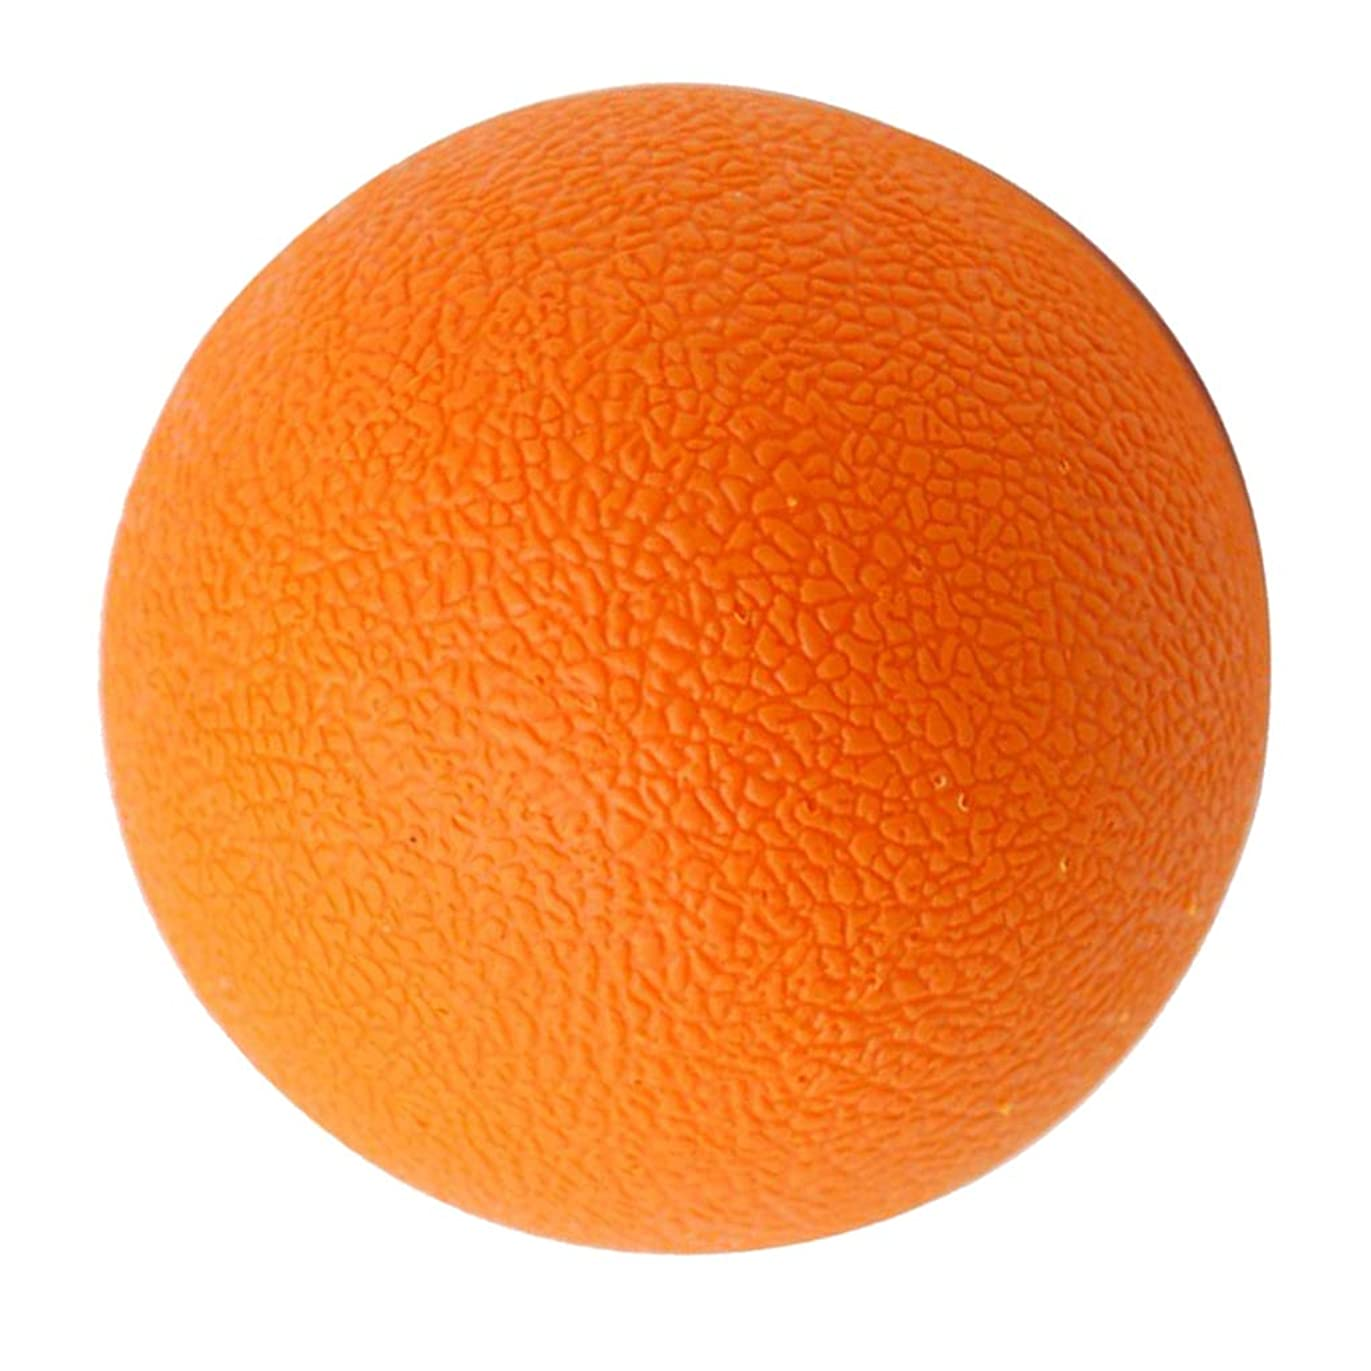 ネブファンドハンディキャップラクロスボール マッサージボール トリガーポイント 筋膜リリース 背中 首 ツボ押しグッズ オレンジ